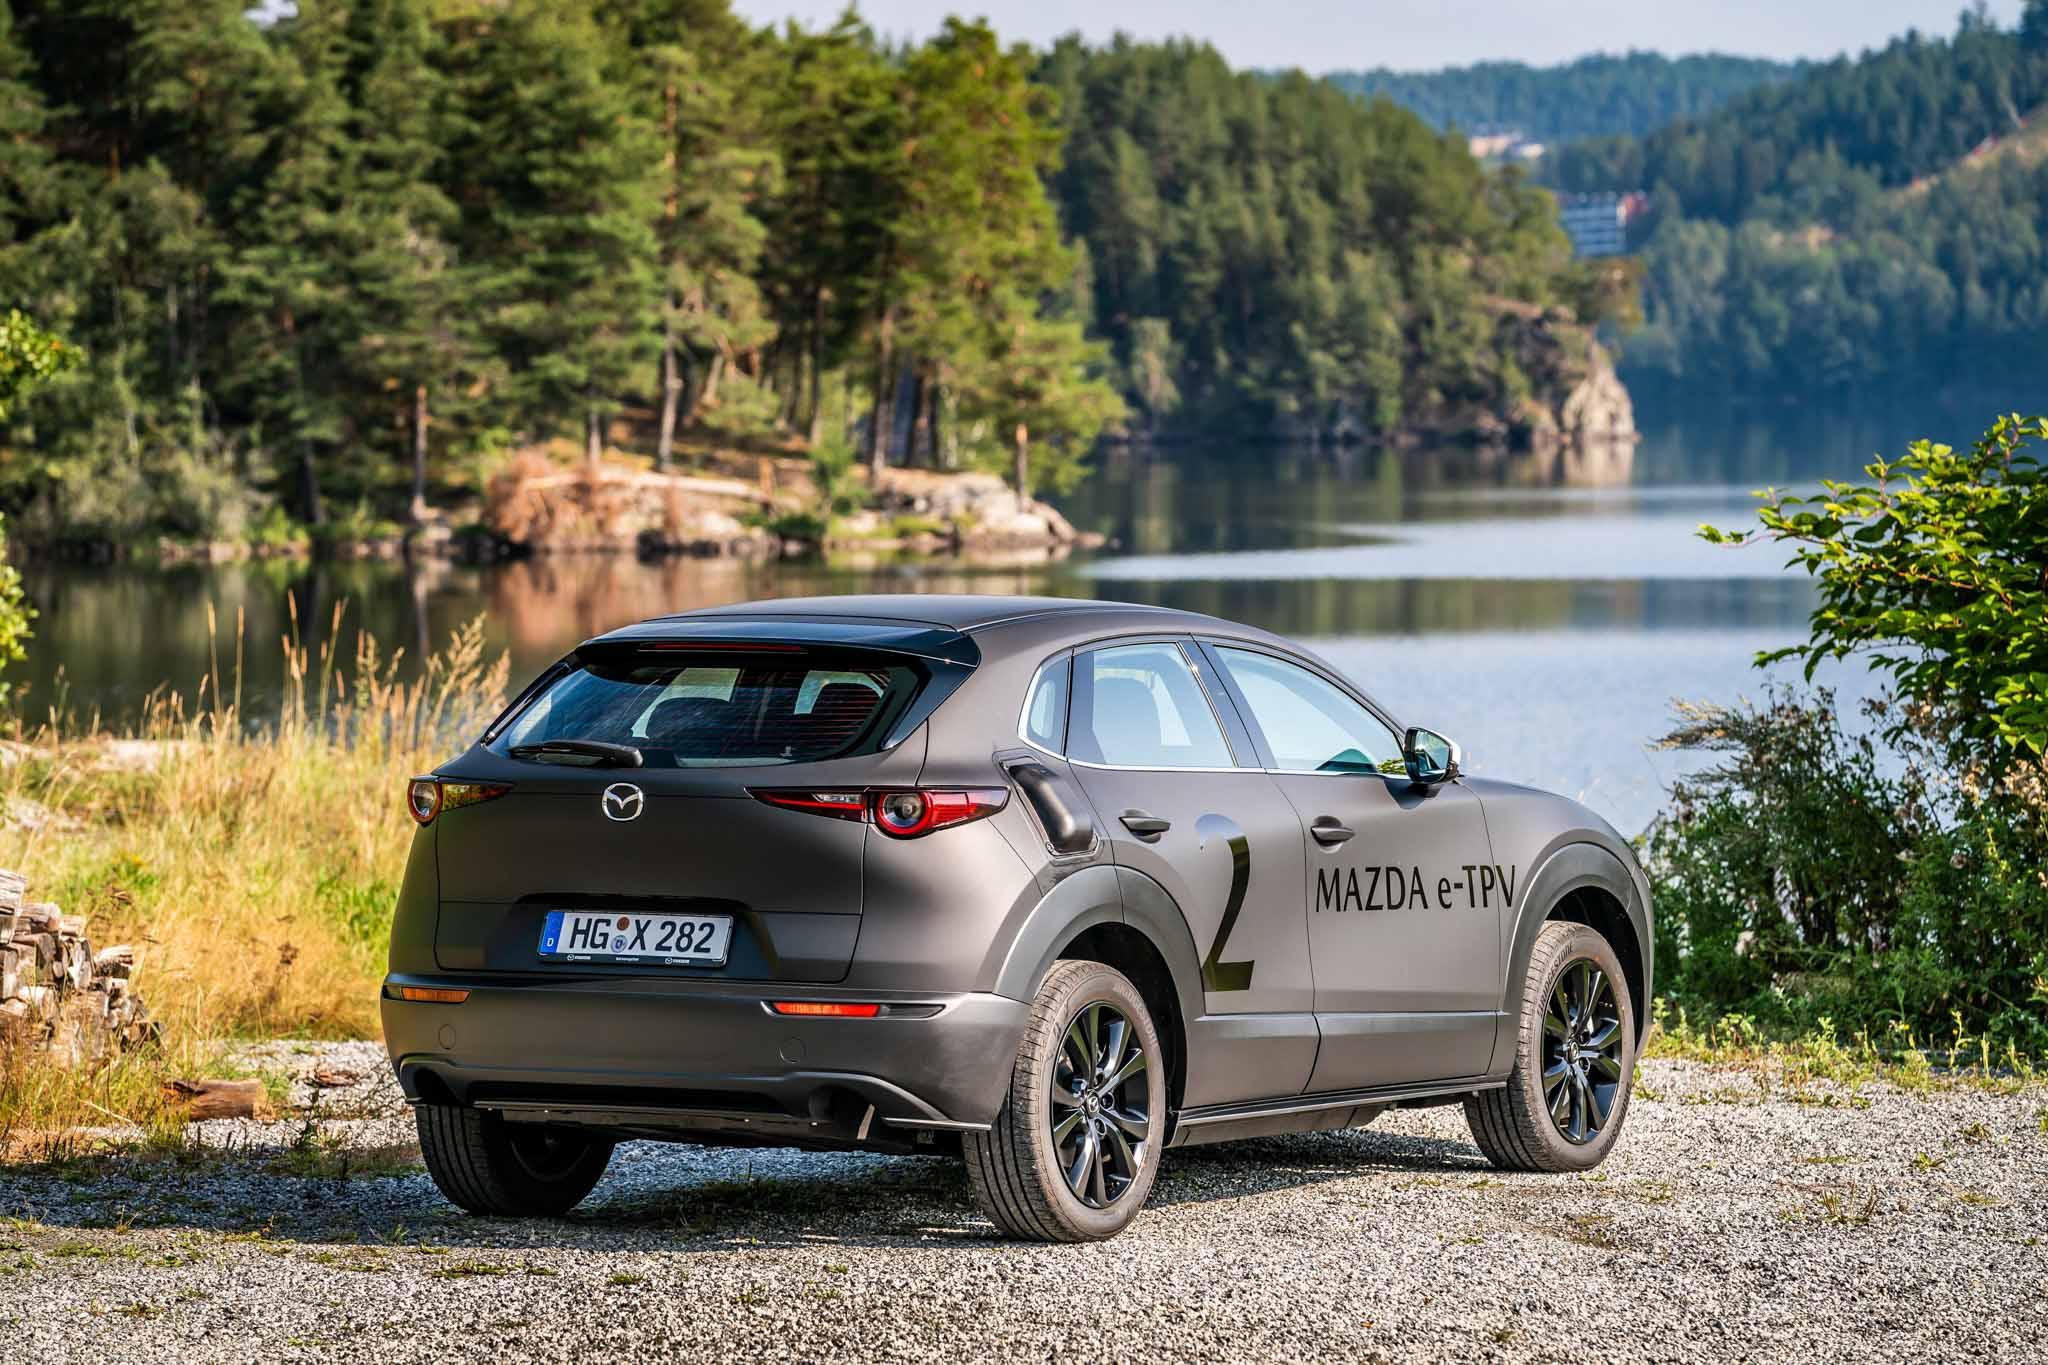 Mazda tung video teaser giới thiệu xe điện trước thềm Triển lãm Ôtô Tokyo 2019 - 7